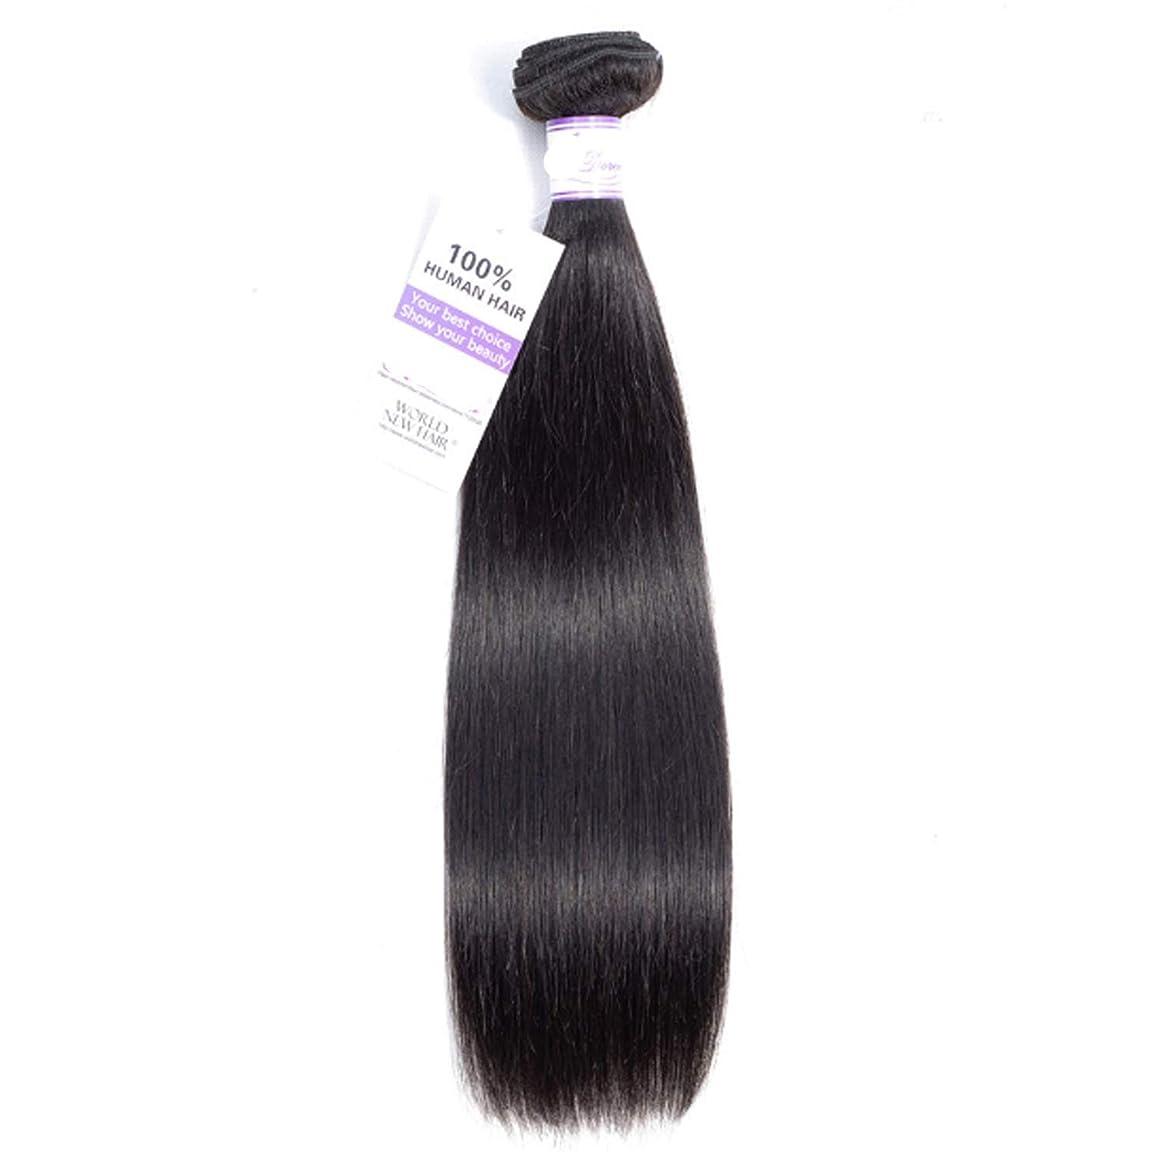 ジュニアコピー祝福マレーシアのストレートヘアバンドル8-30インチ100%人毛織りナチュラルカラー非レミーヘアエクステンション1個 かつら (Stretched Length : 28inches)